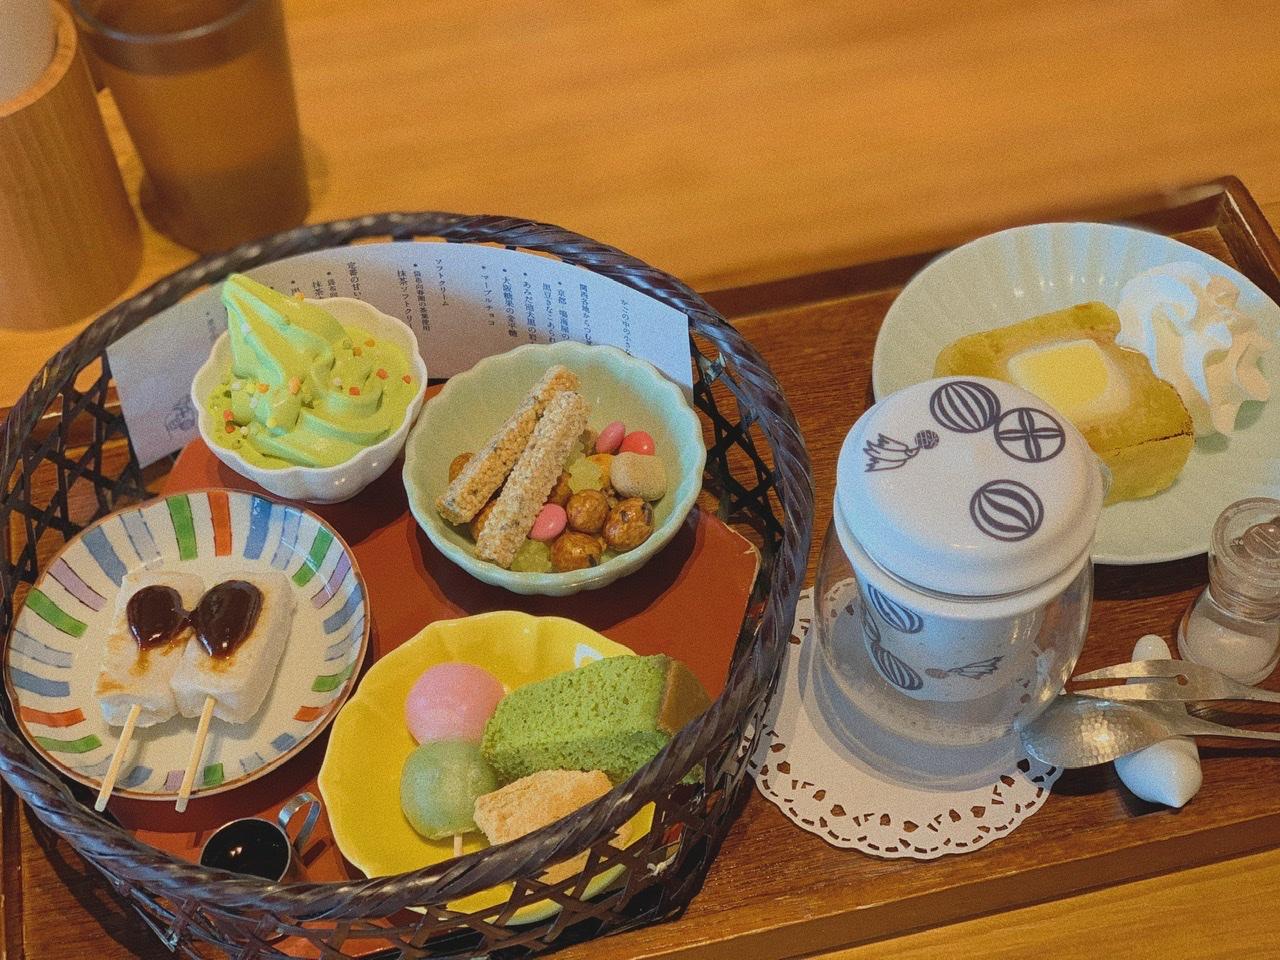 【おすすめ抹茶スイーツ】大人気❤️築地本願寺カフェ《Tsumugi》の絶品スイーツset♪_2